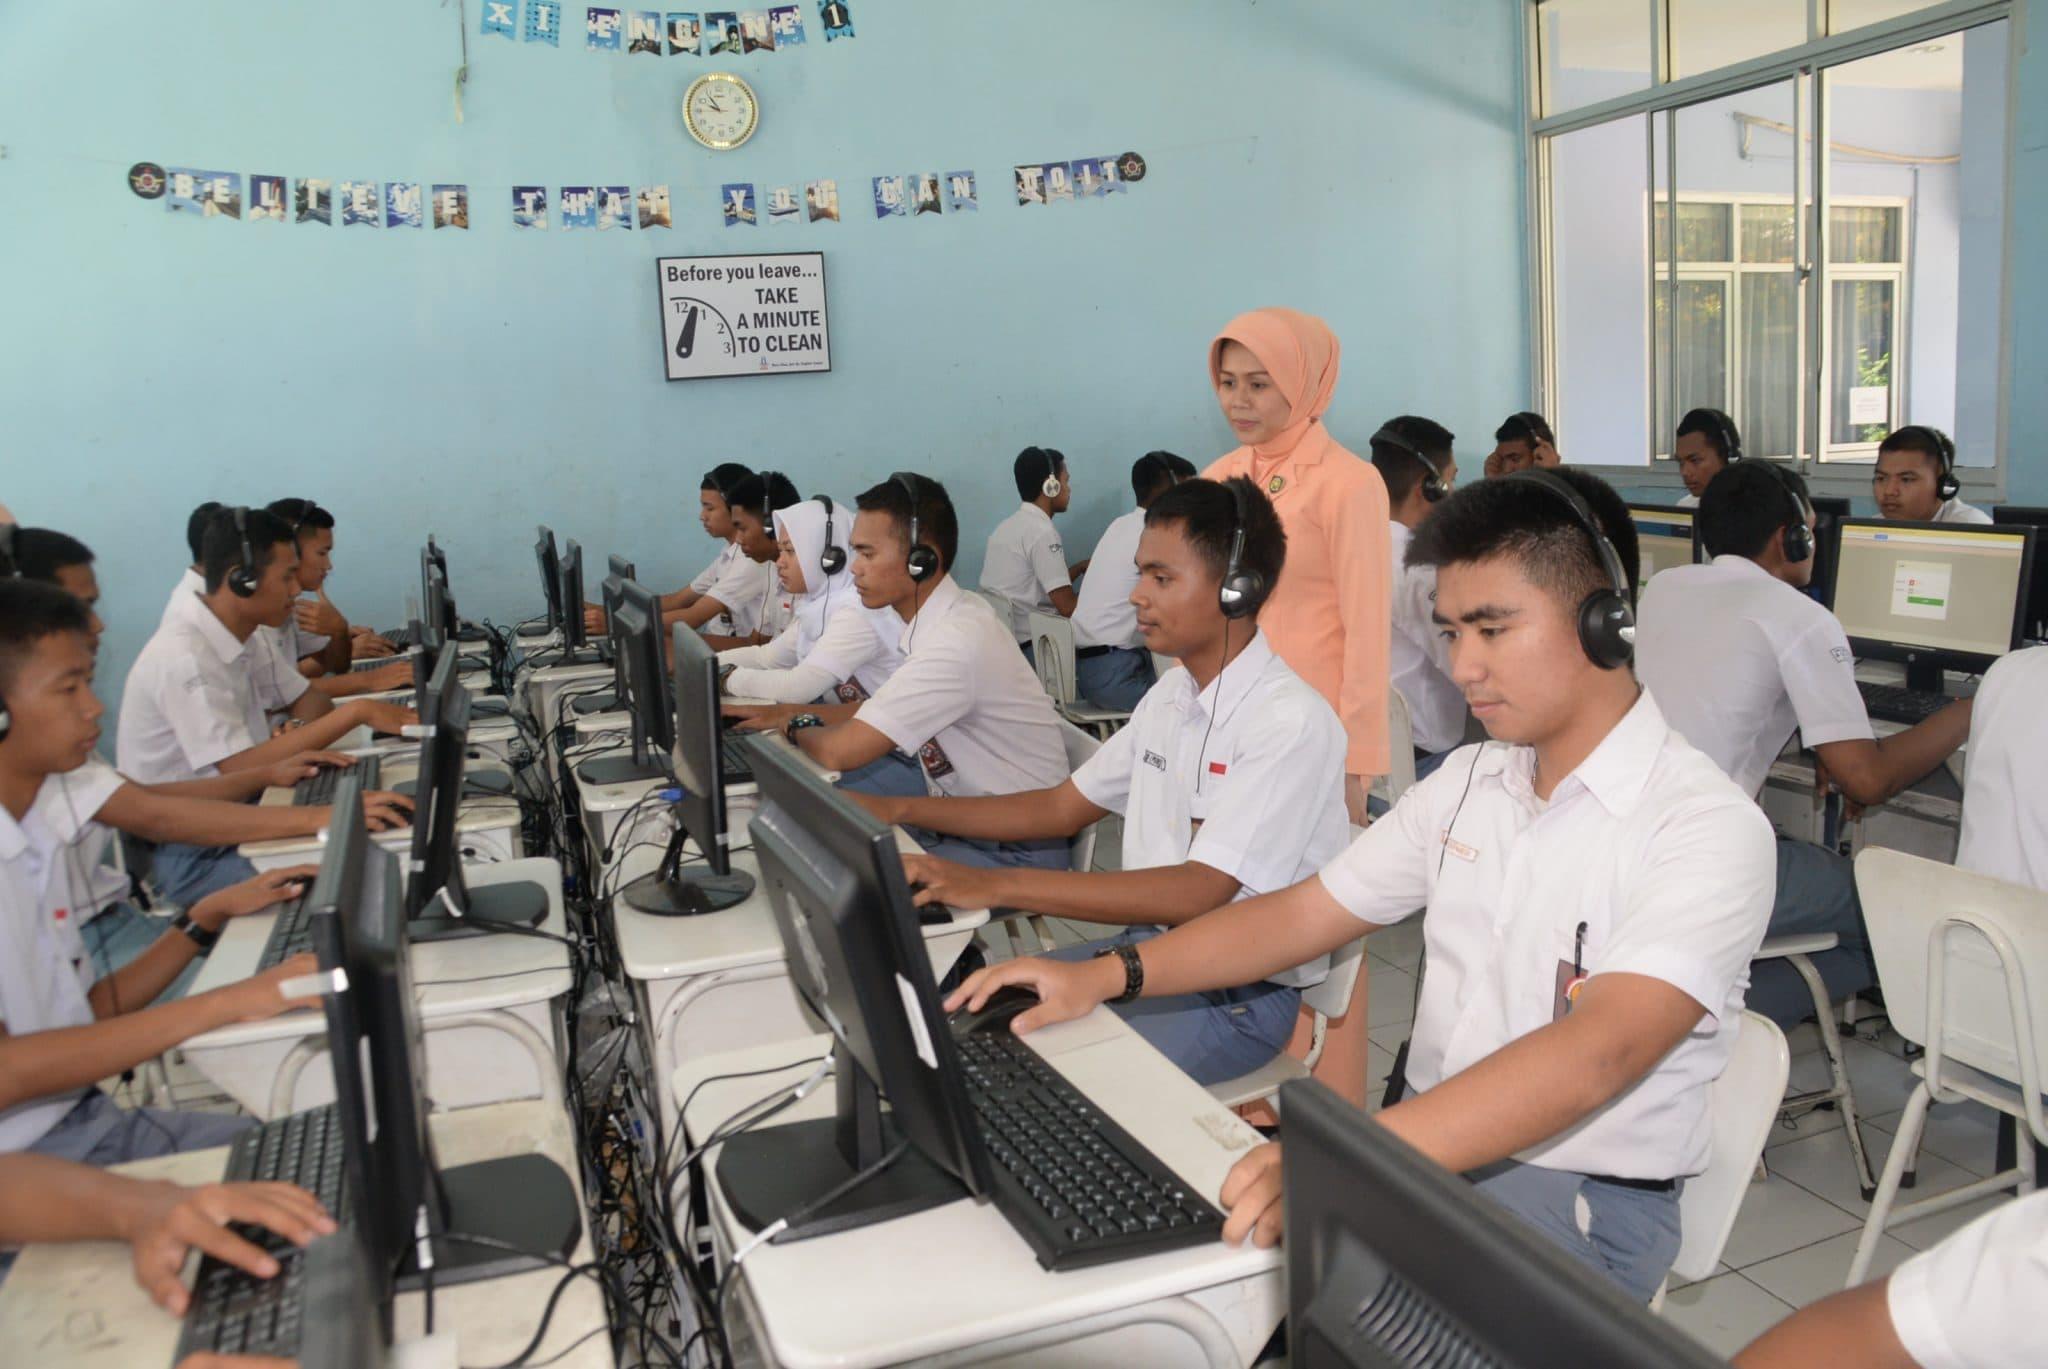 Yasarini Pengurus Cabang Lanud Ats Tinjau UNBK SMK Penerbangan Bogor